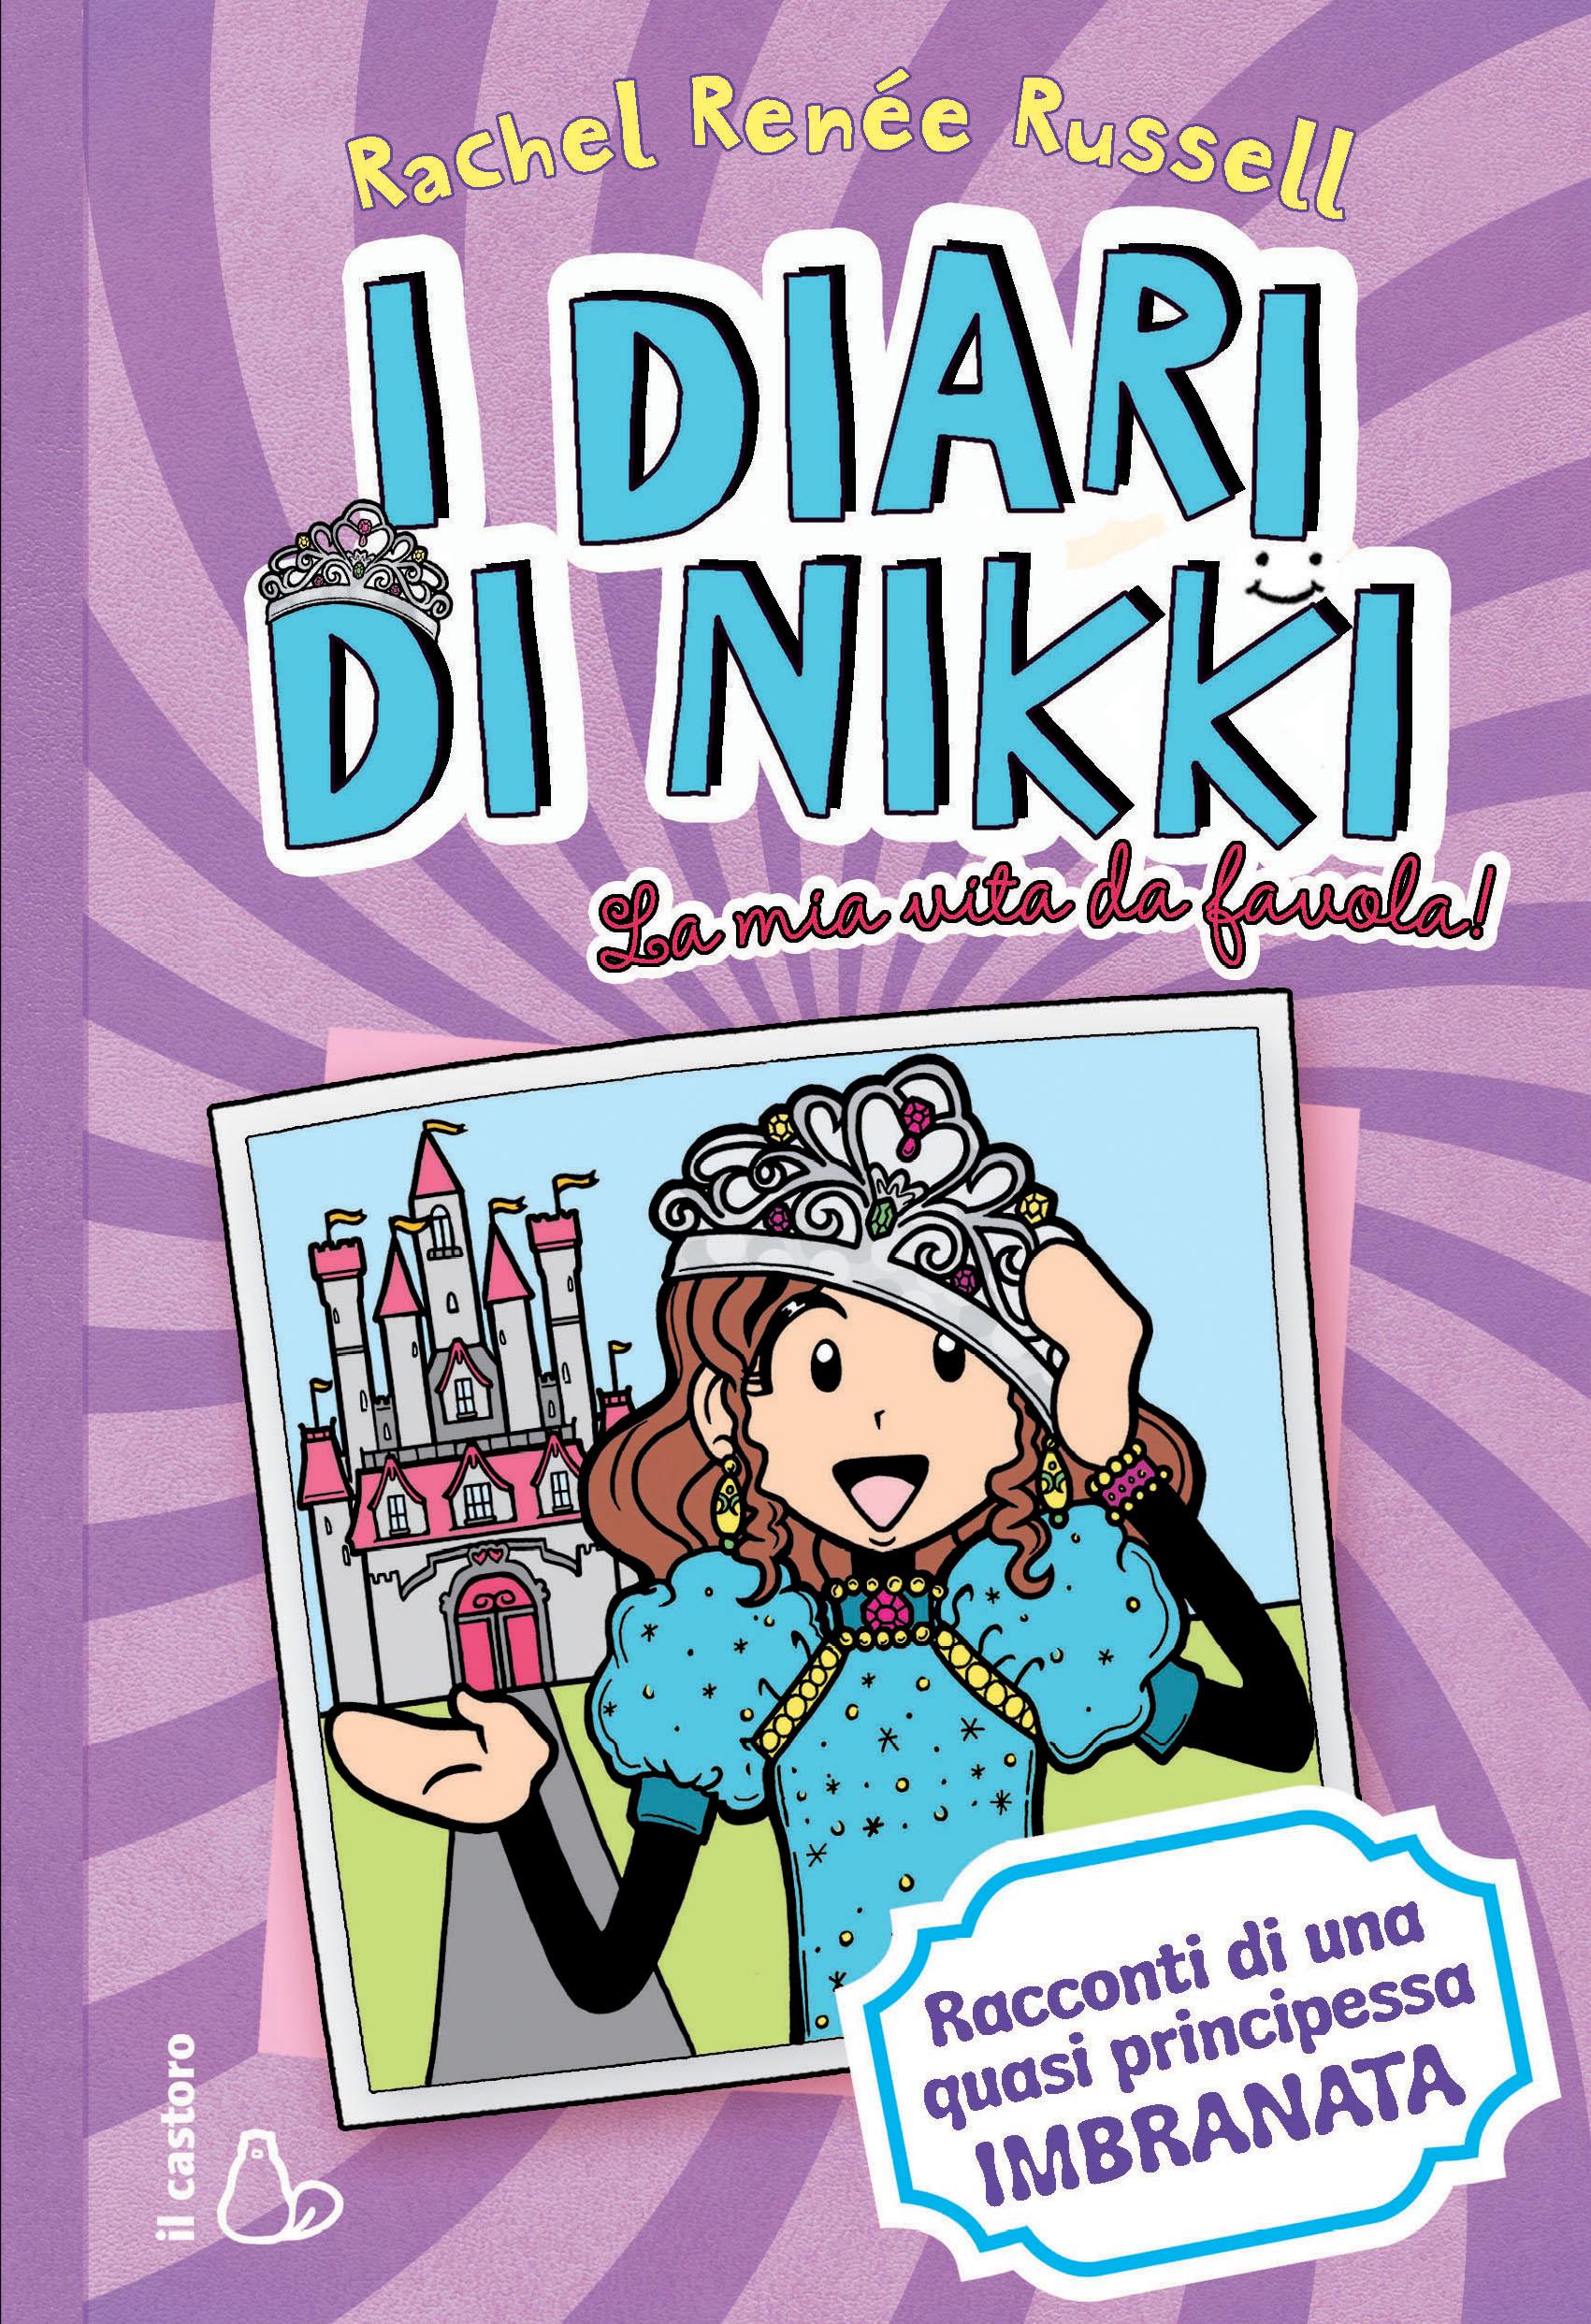 I diari di nikki la mia vita da favola la libreria dei for Piani di libri da favola